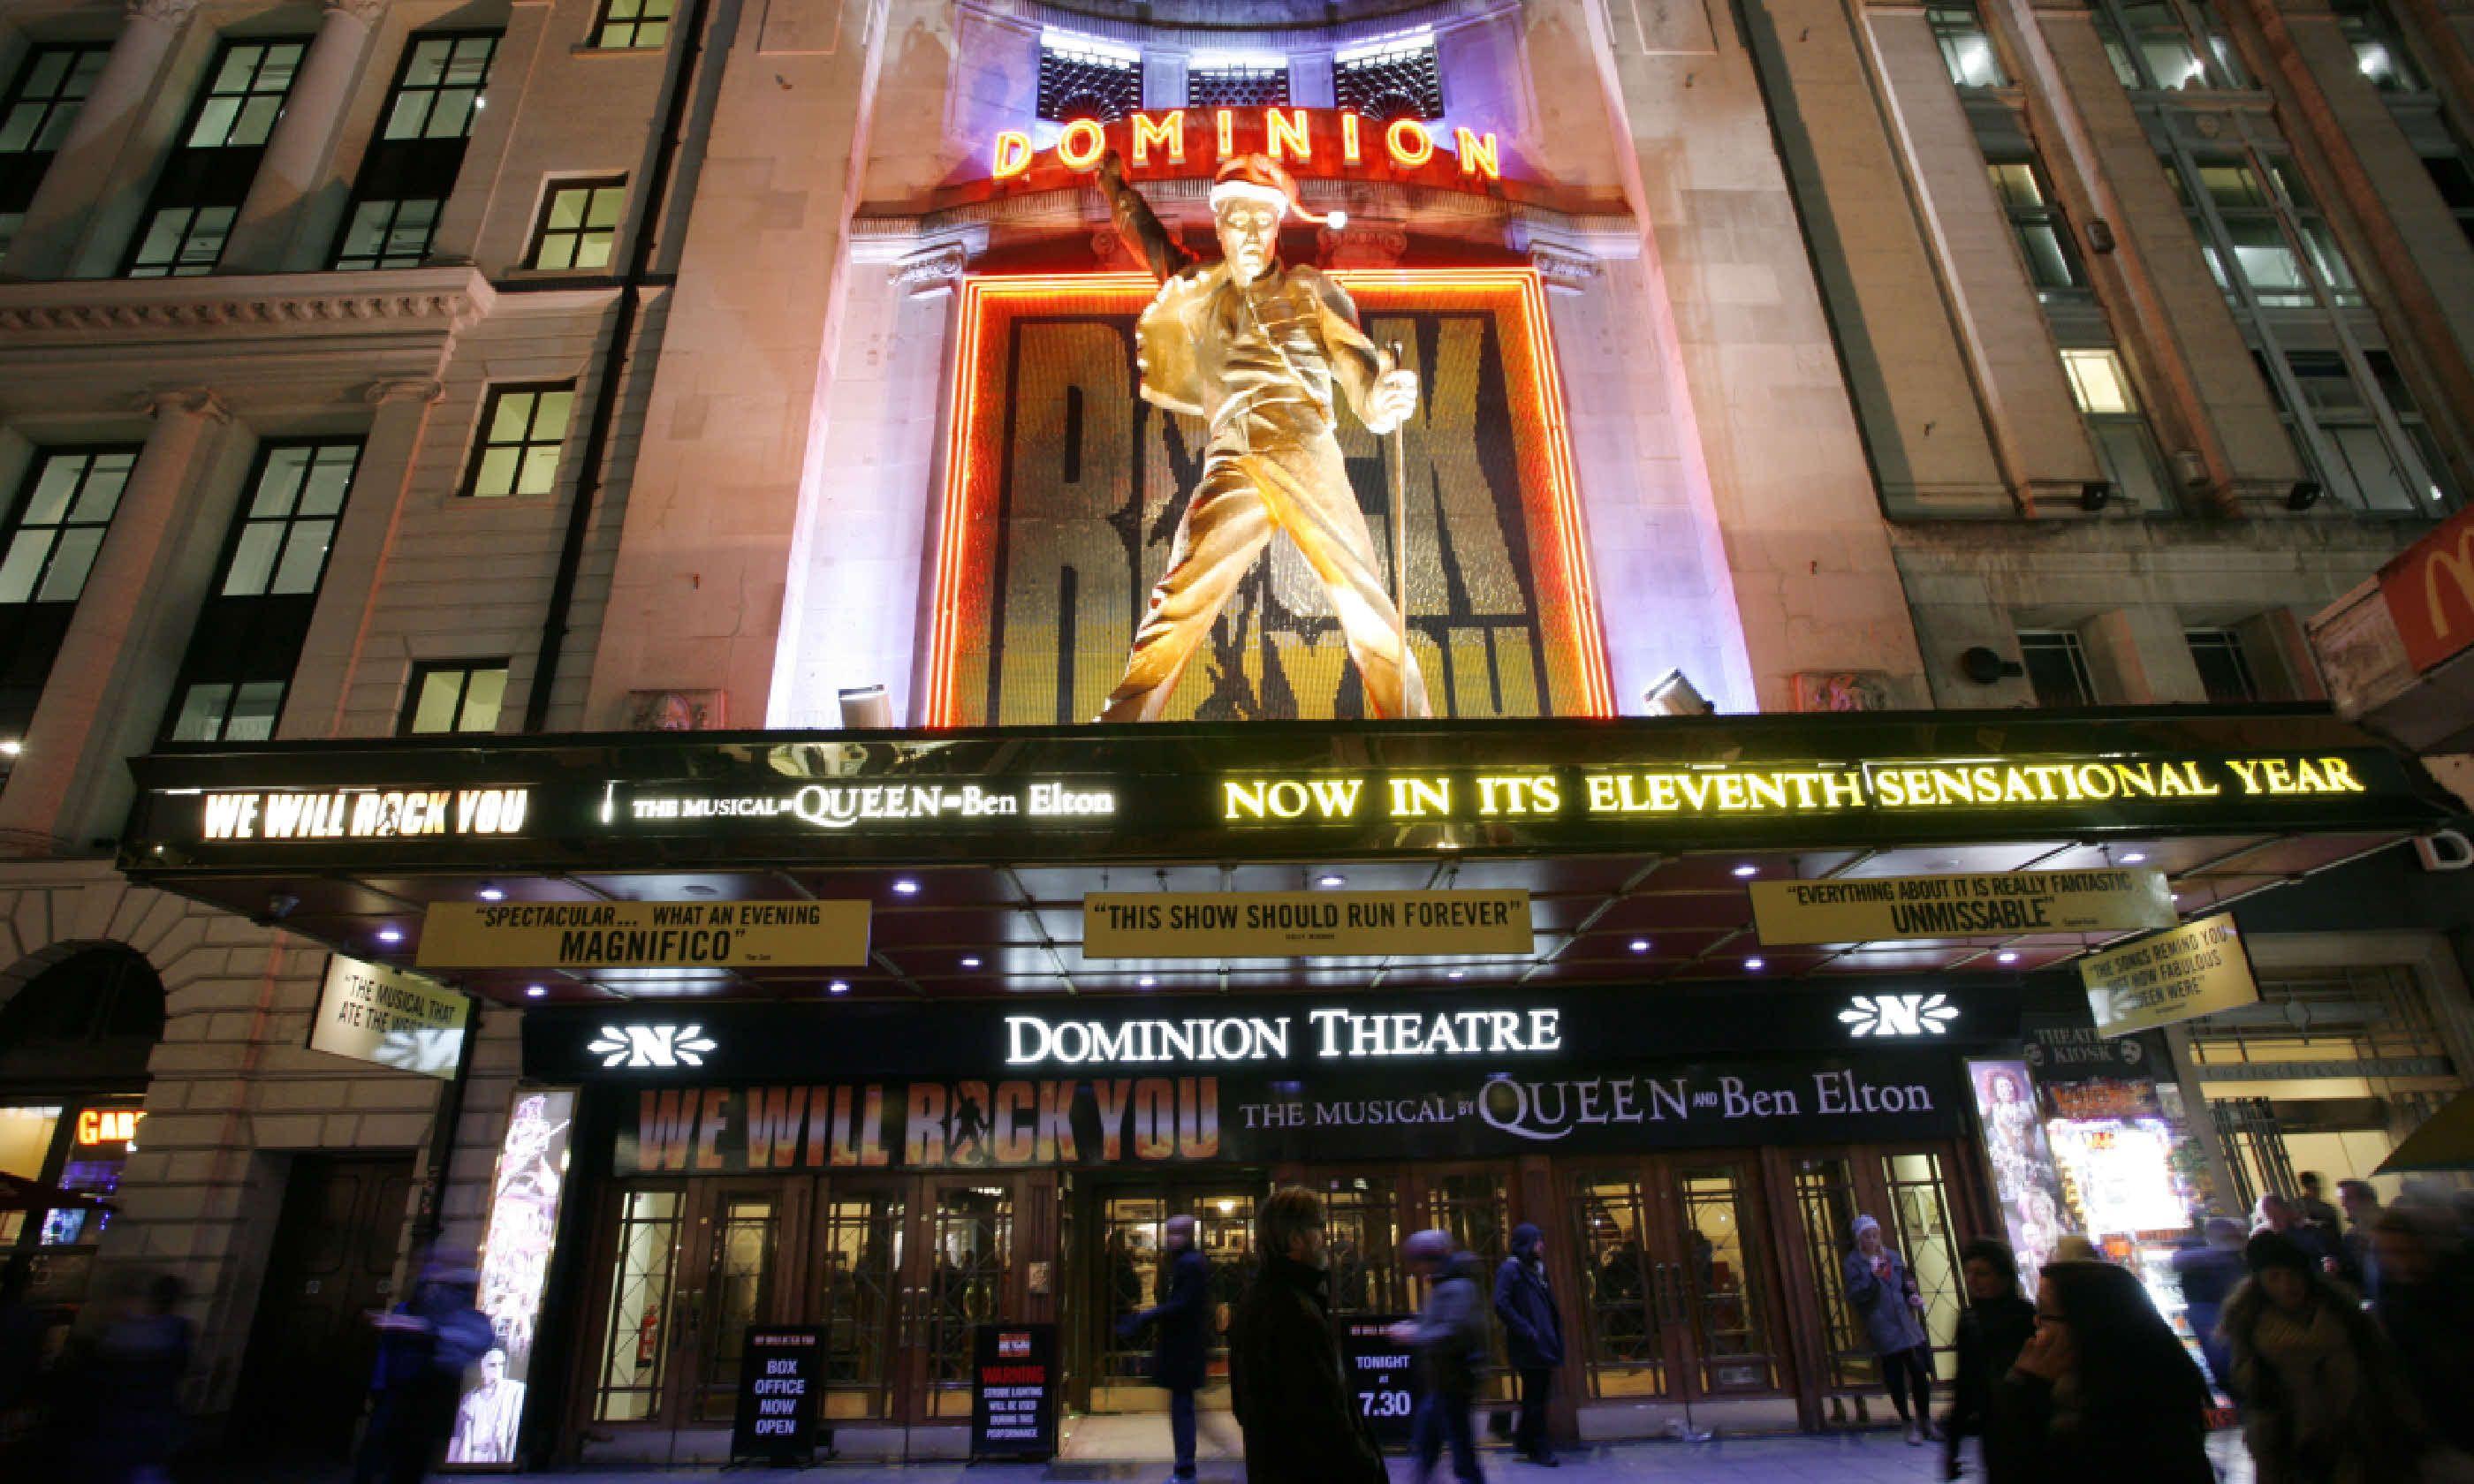 Dominion Theatre, London (Shutterstock)